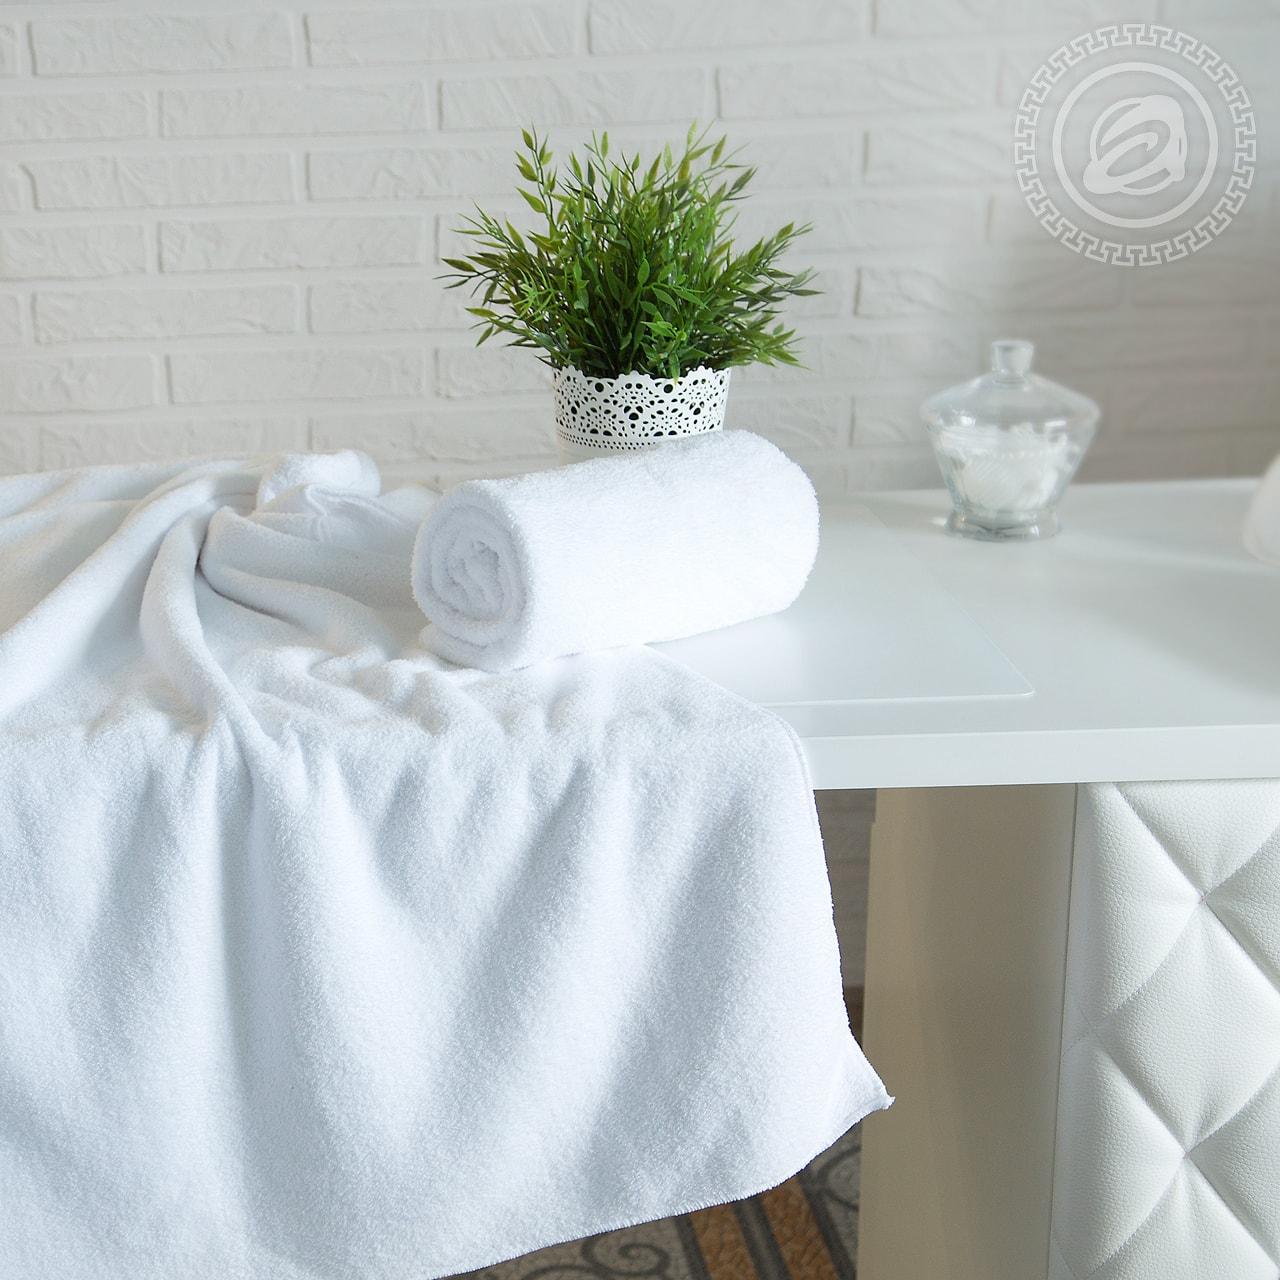 Полотенце банное Белый (50х90) antik полотенце 50х90 хлопок